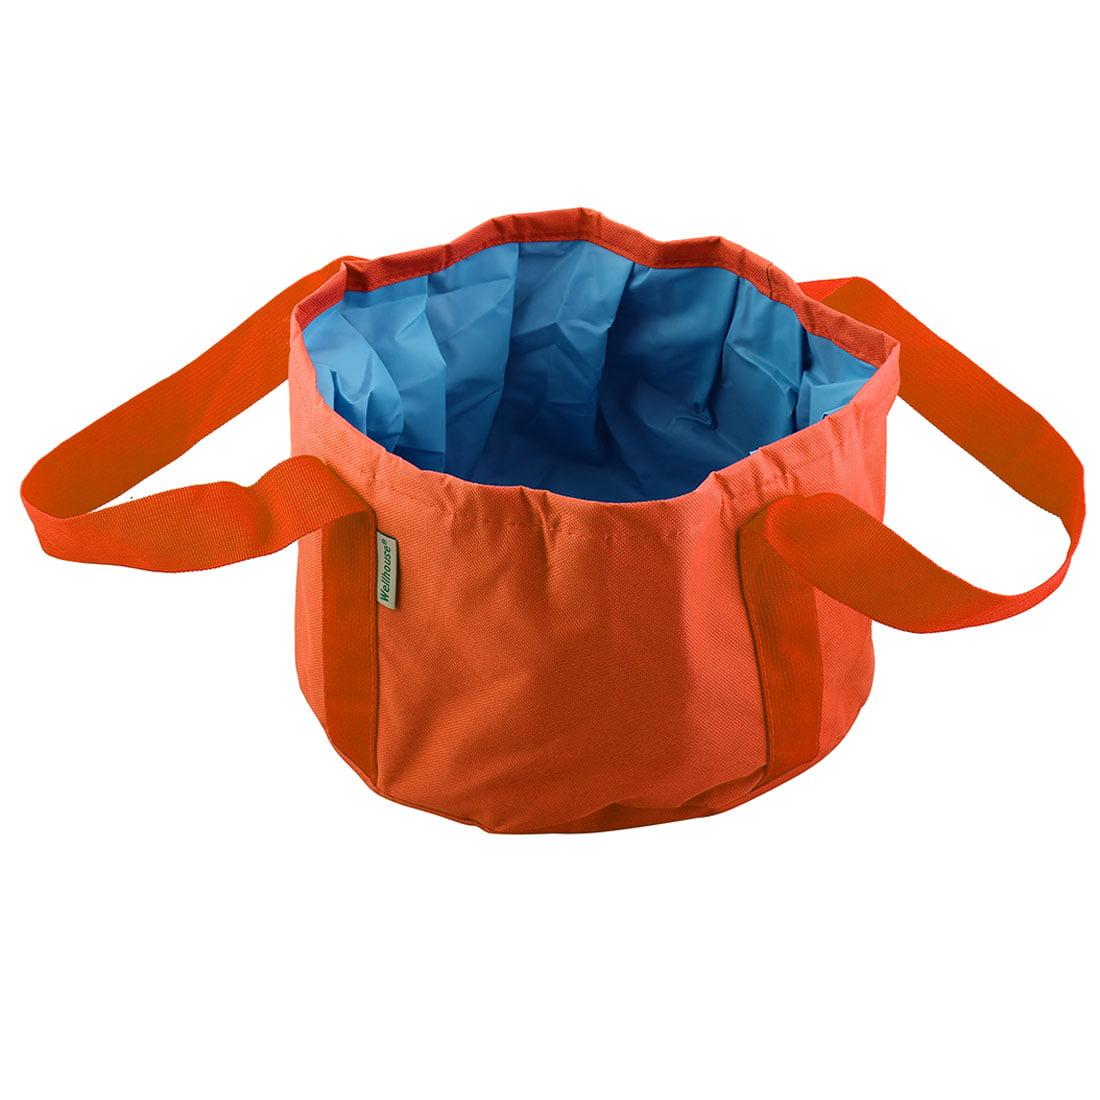 Wellhouse Authorized Folded Washbasin Washbowl Camping Bucket Orange L